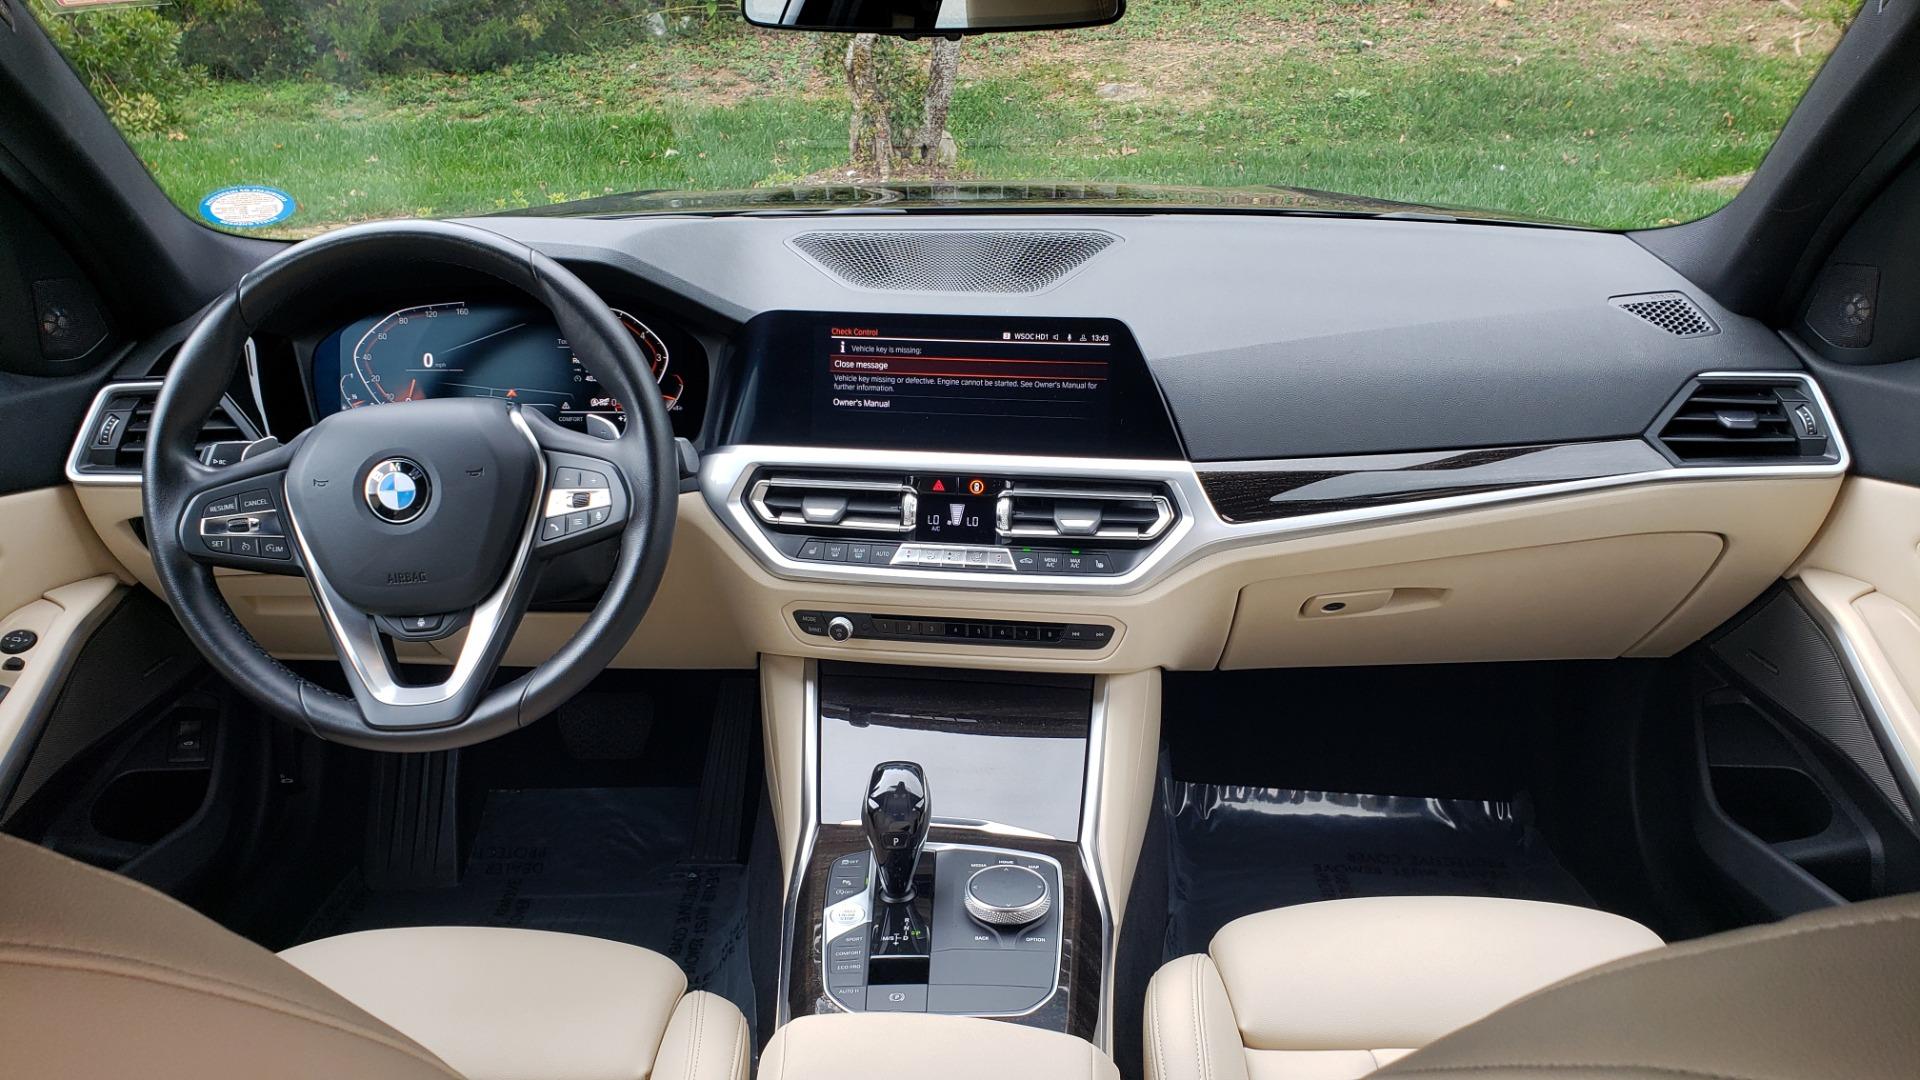 Used 2019 BMW 3 SERIES 330I PREM PKG / NAV / CONV PKG / H&K SND / LIVE COCKPIT PRO for sale Sold at Formula Imports in Charlotte NC 28227 81